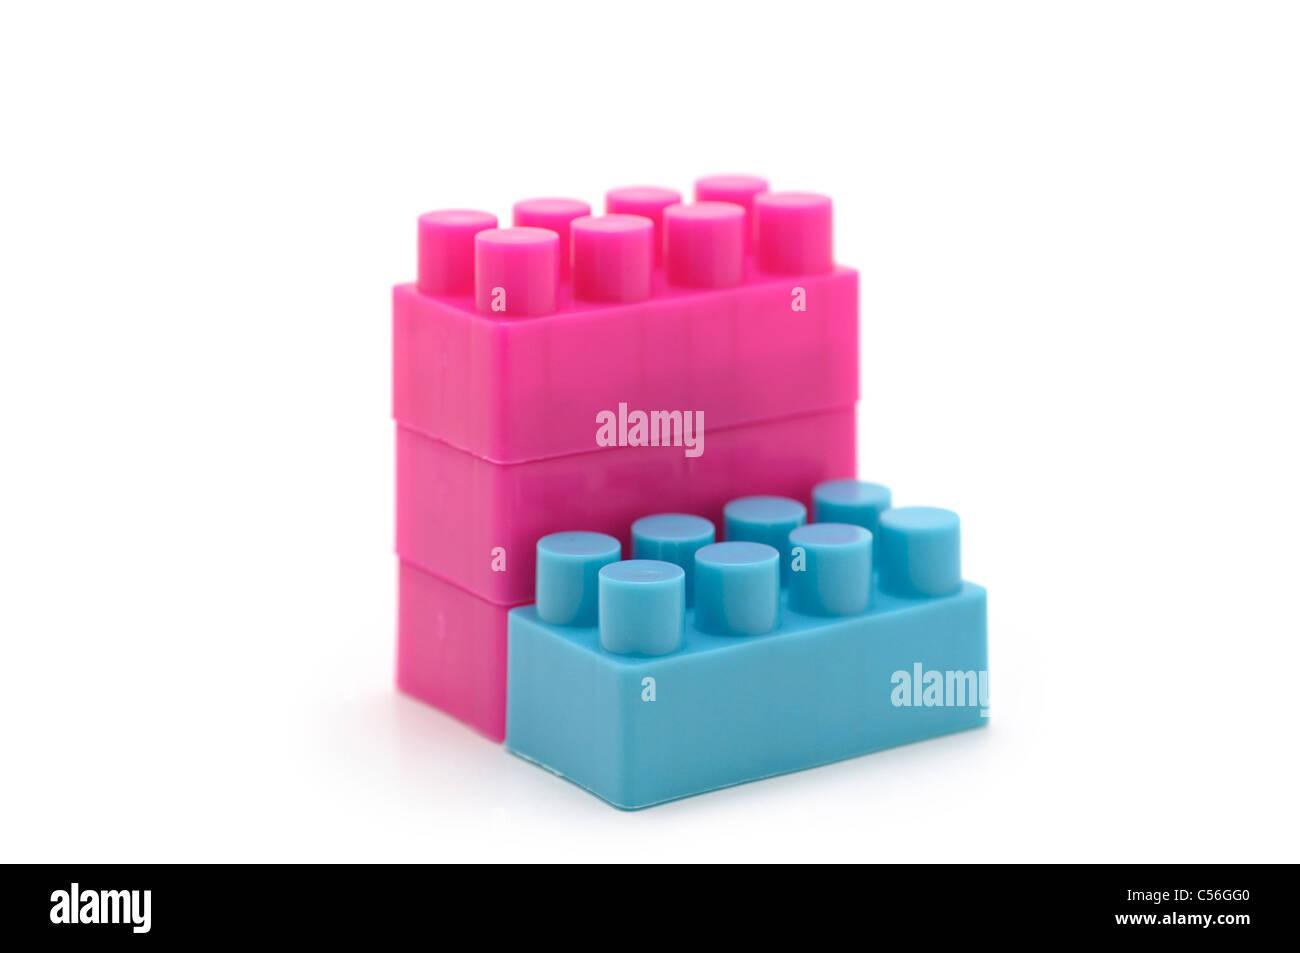 Blocs de construction en plastique, Photo Stock